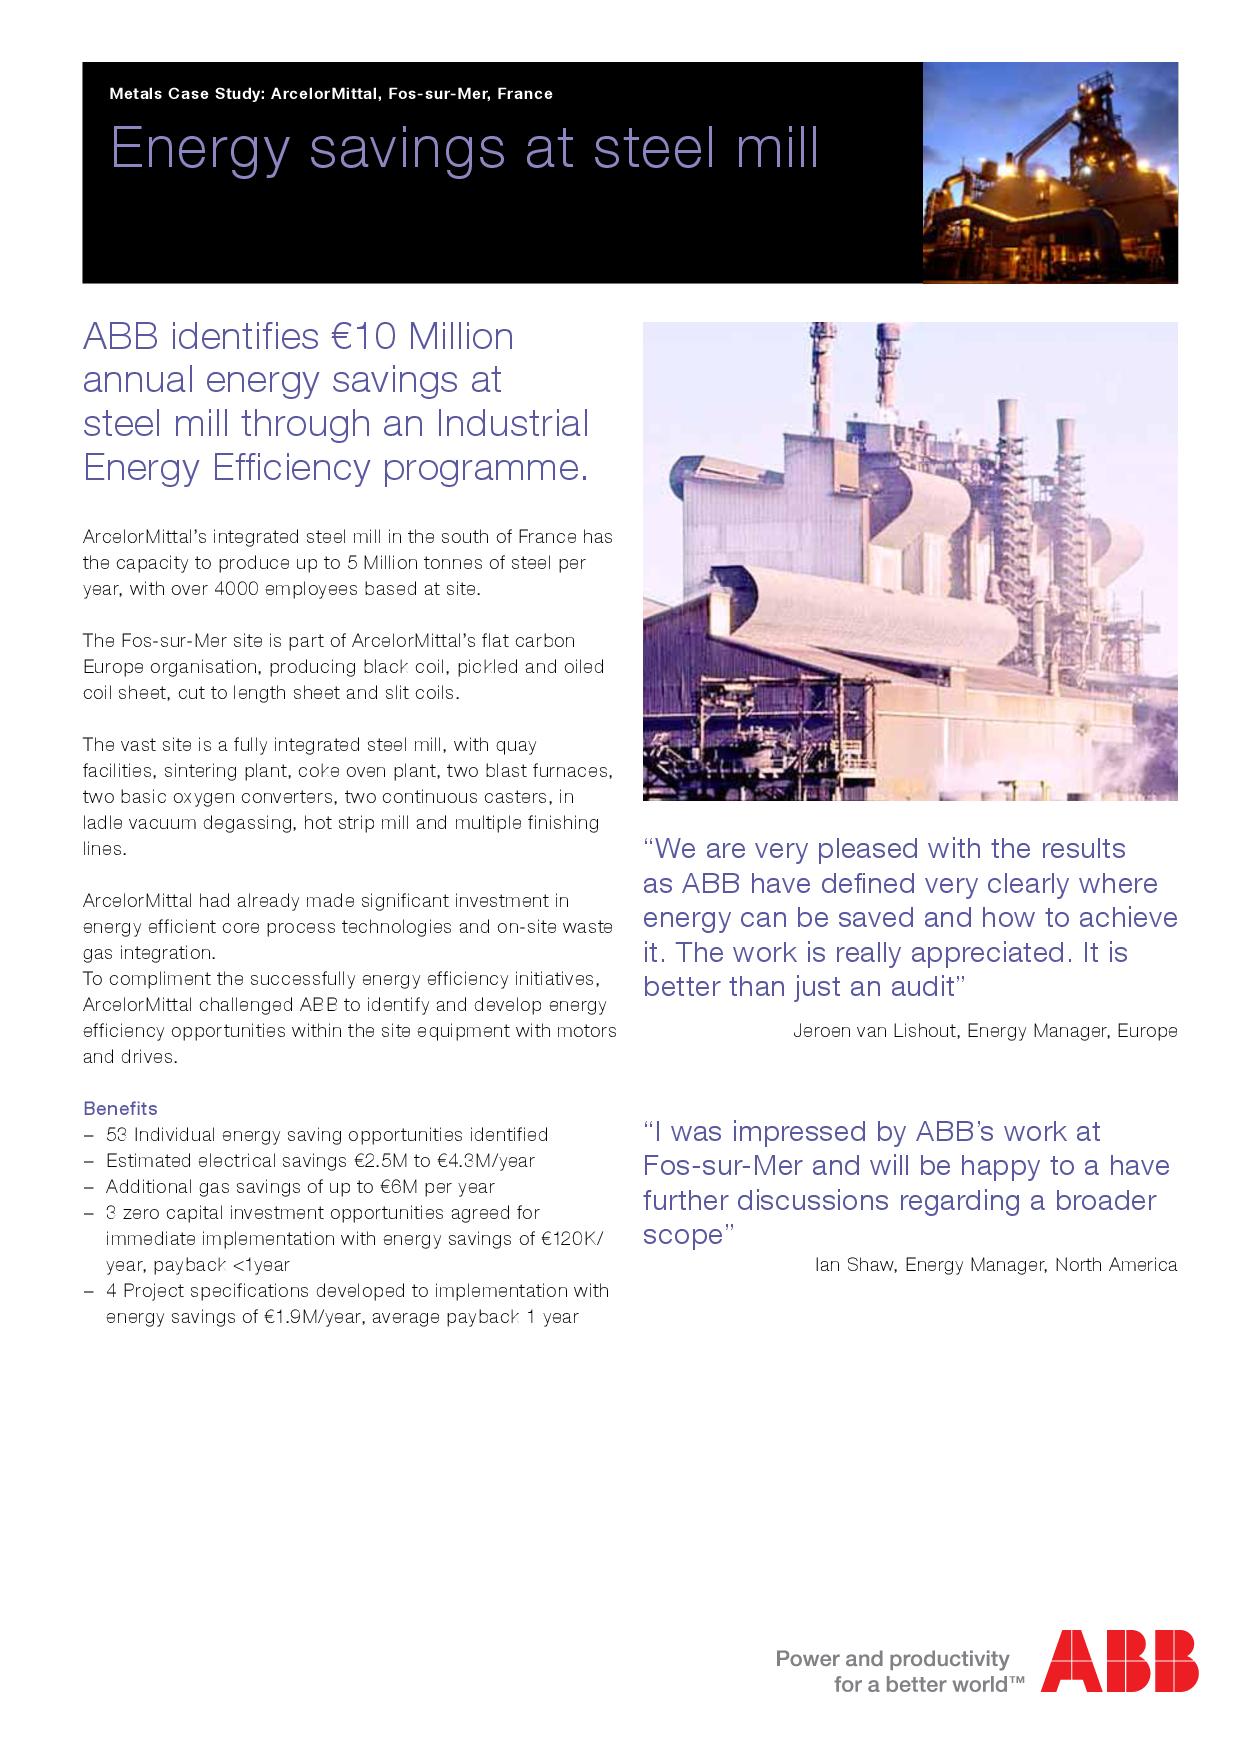 Energy savings at steel mill